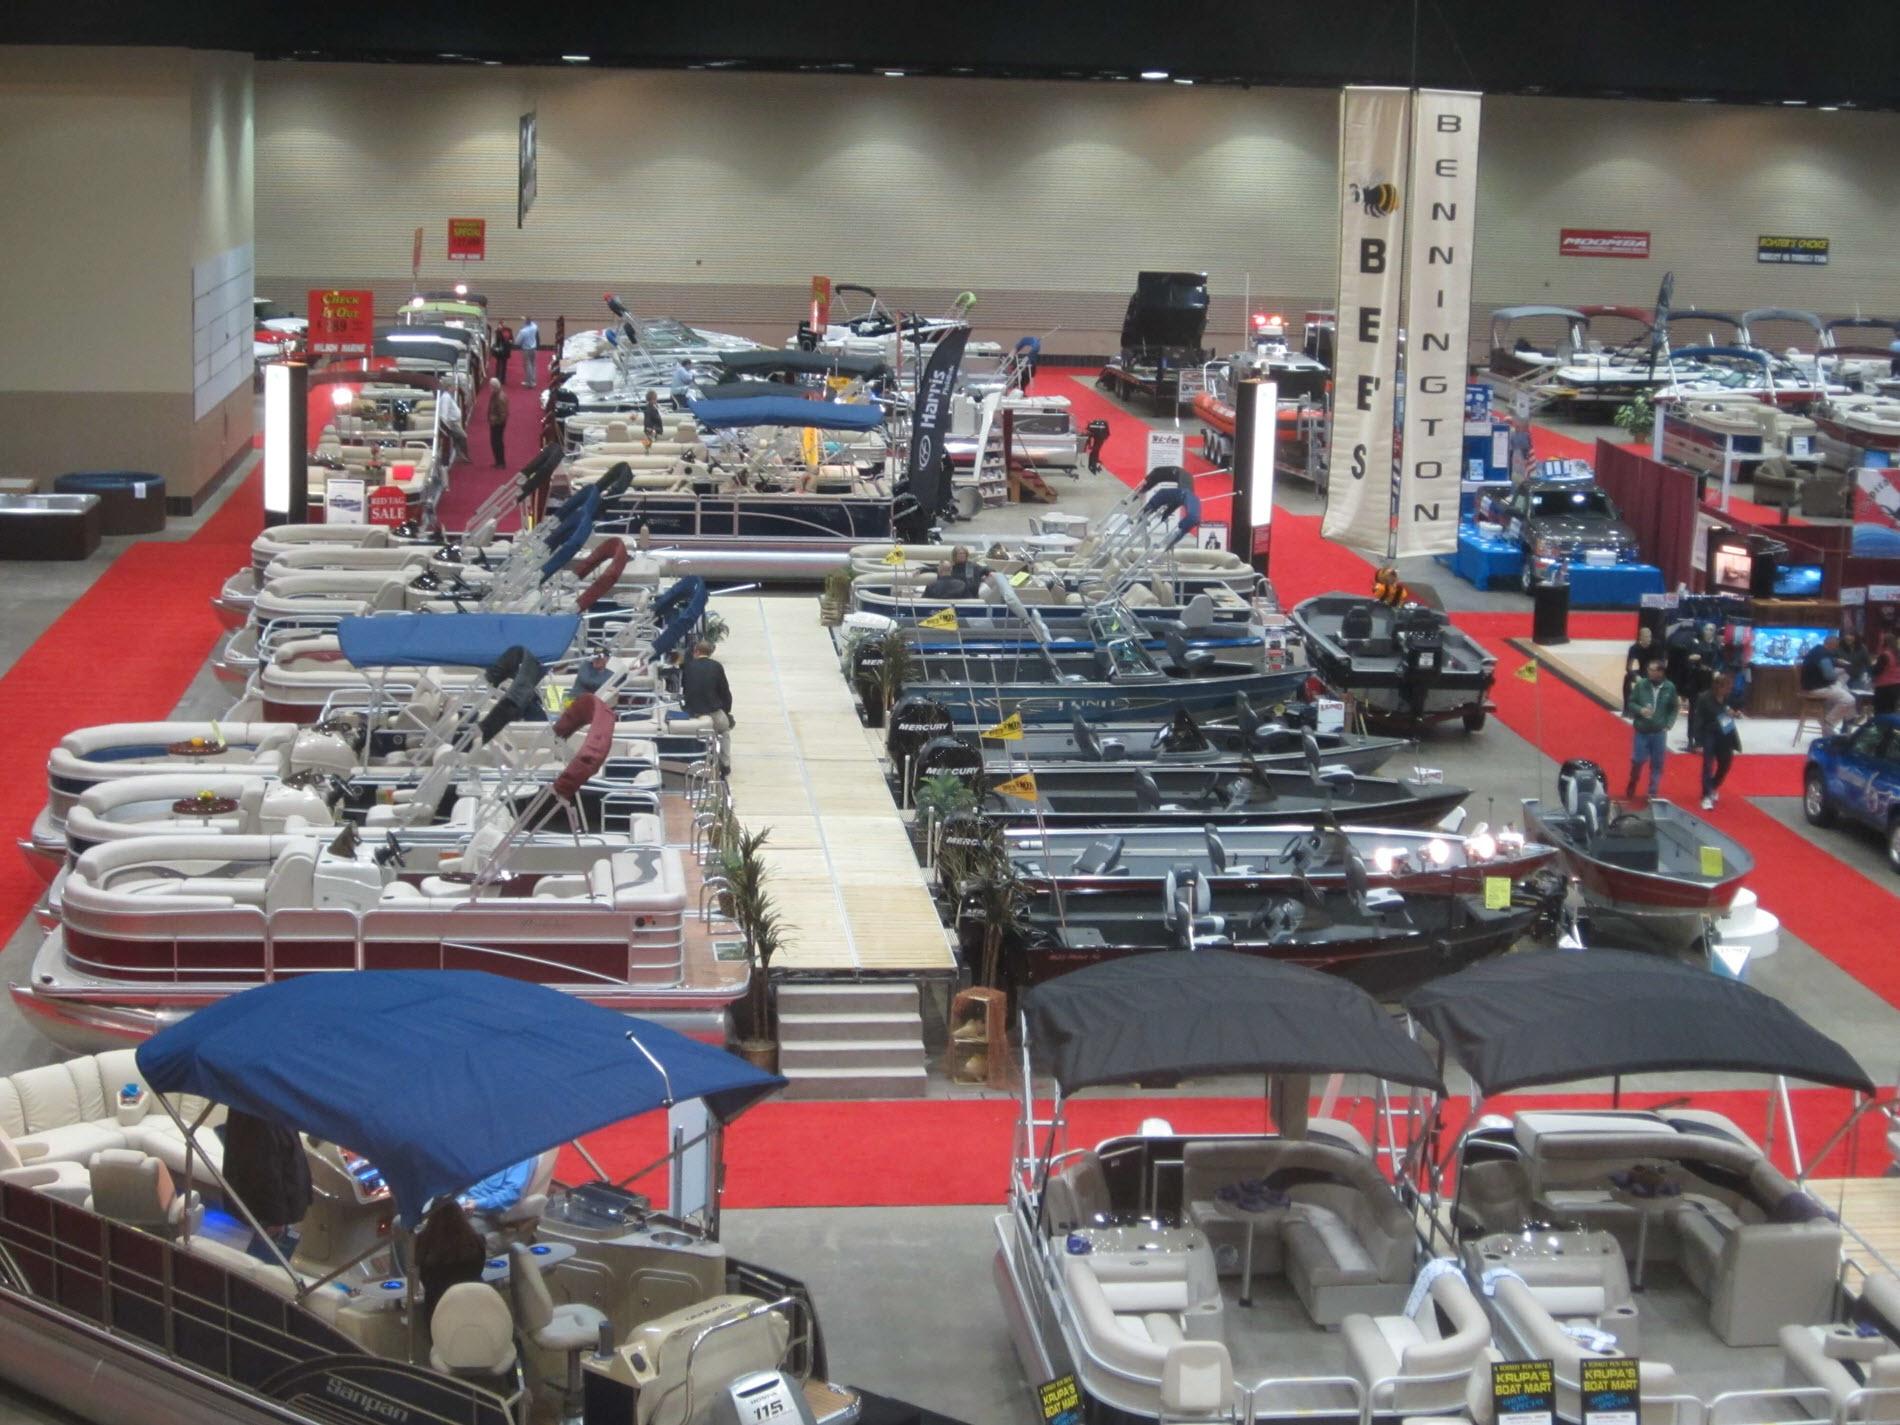 lansing-center-boat-show-2012-012